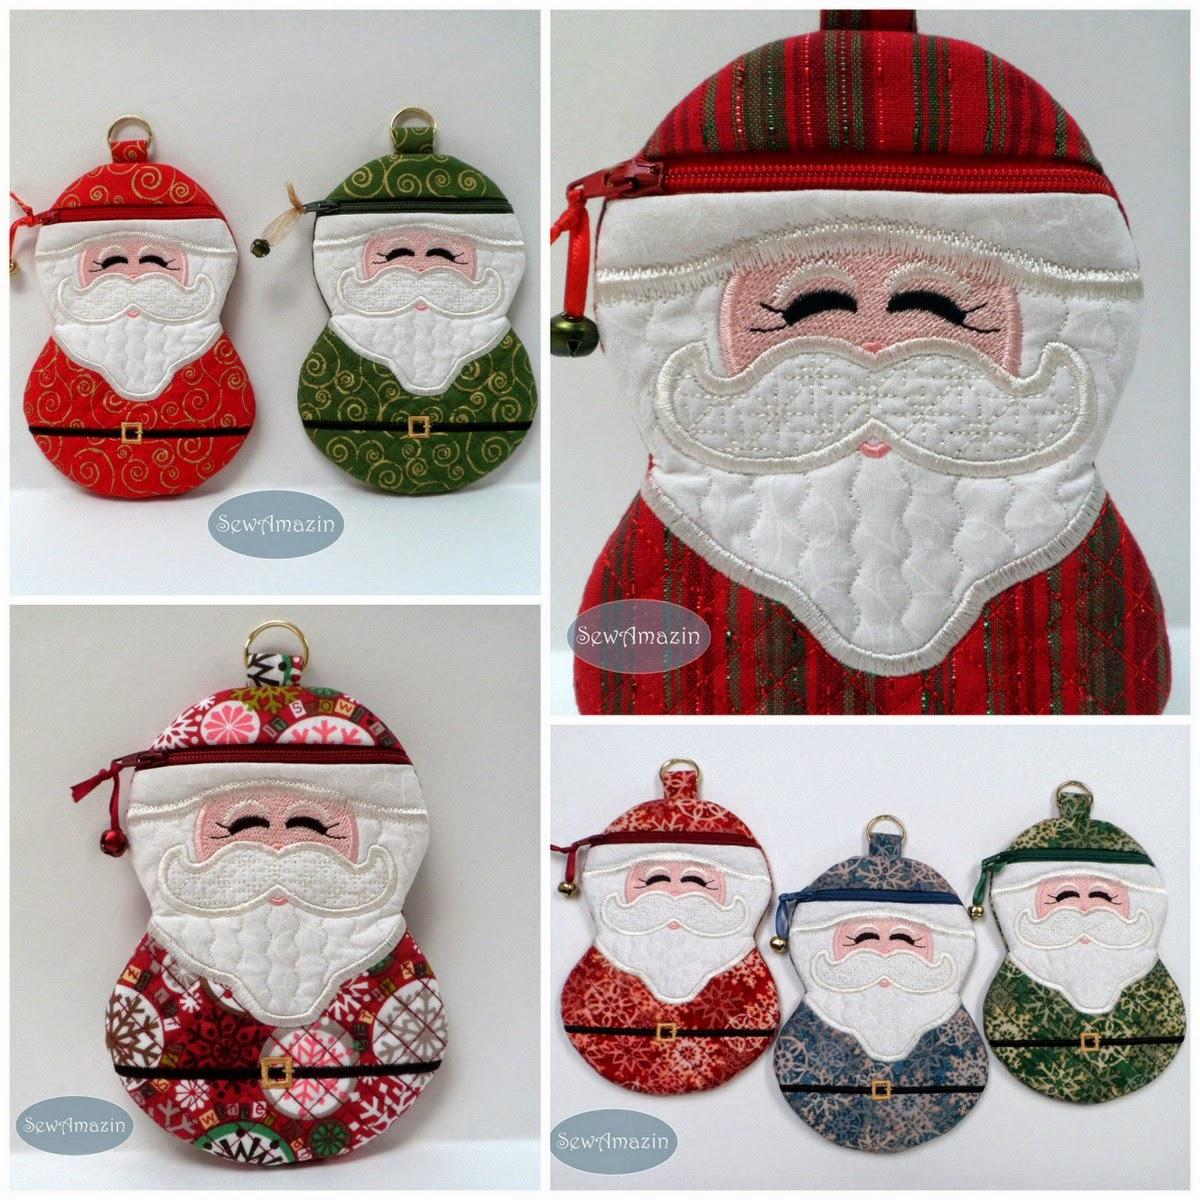 SewAmazin's Studio: Santa Claus Cases